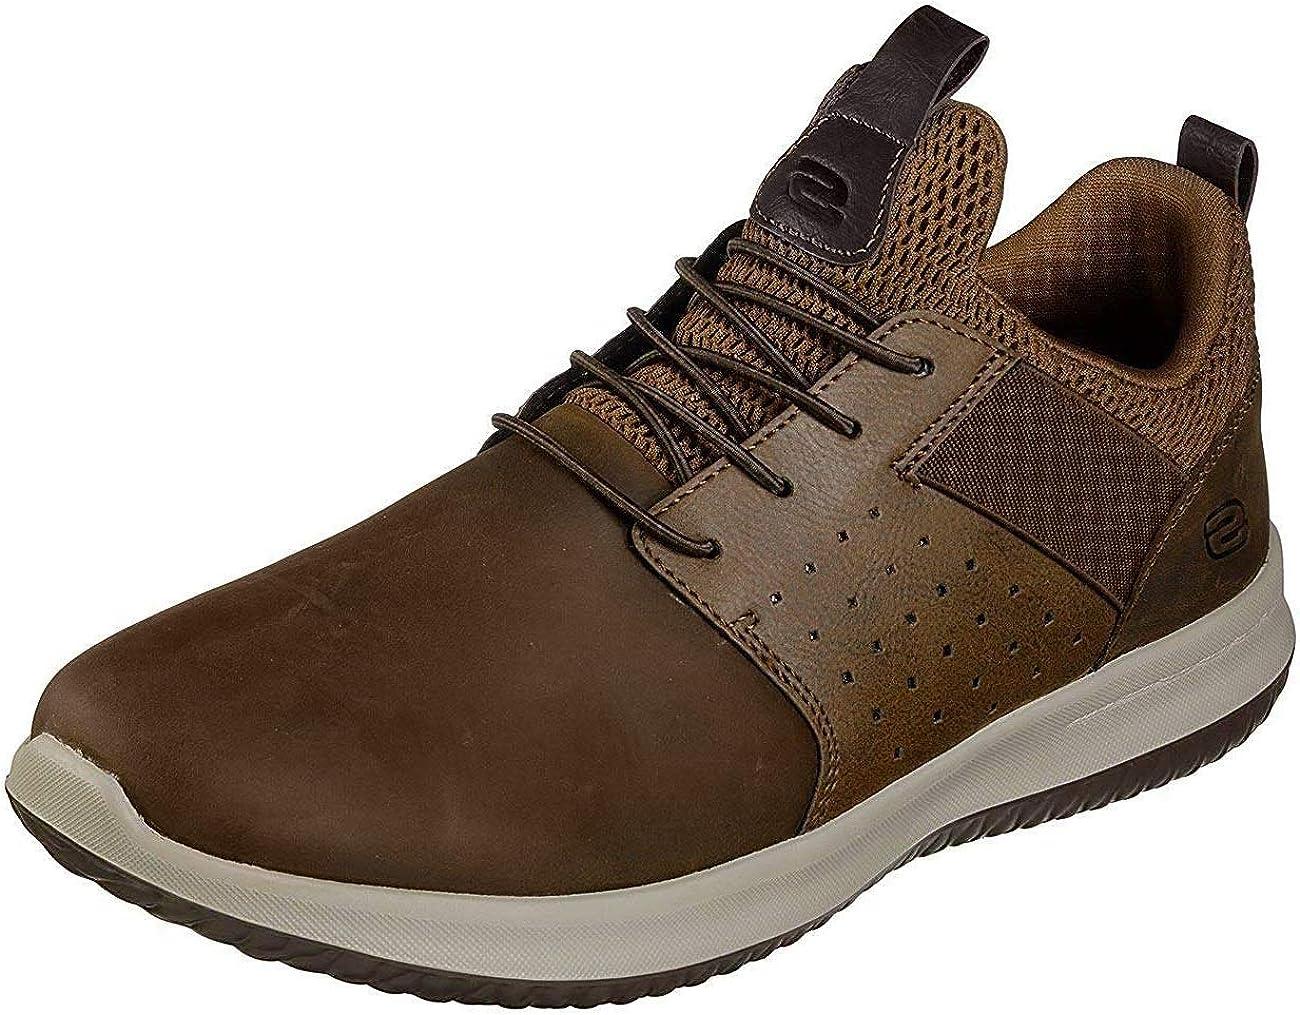 Skechers Herren Delson Axton Slip On Sneaker, Brauner CDB